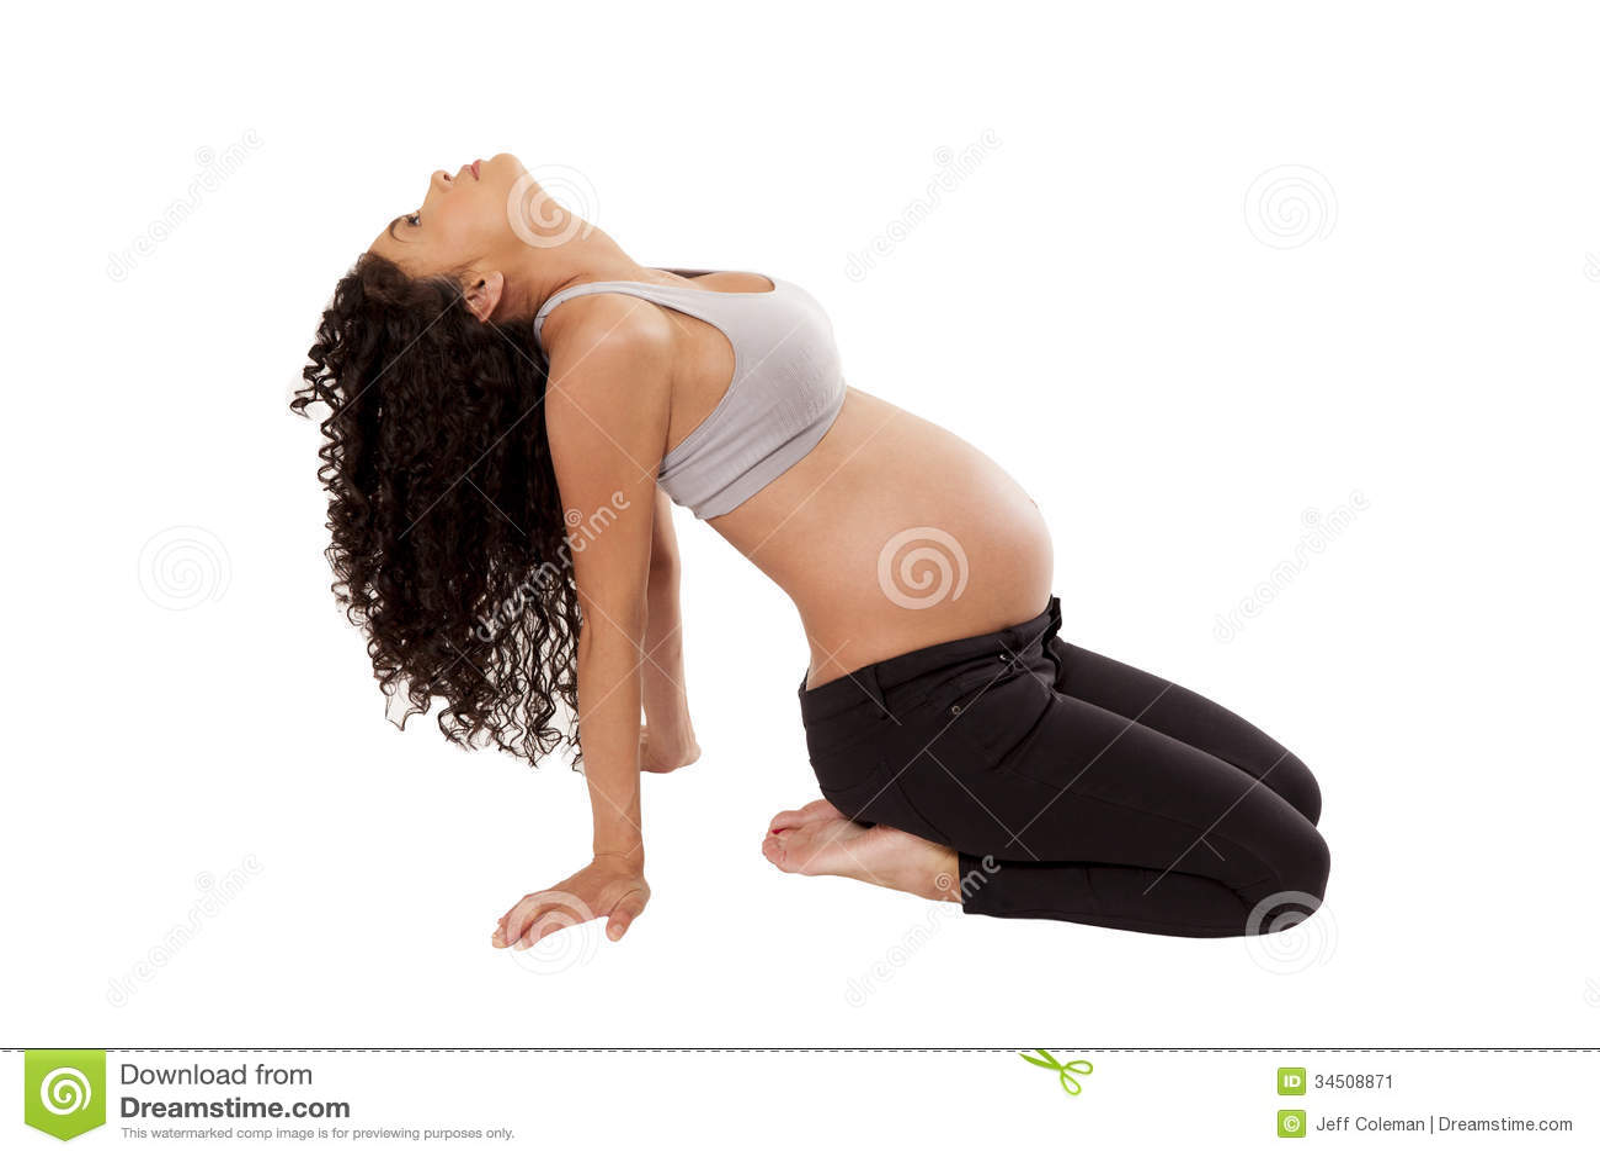 Movimentos da ioga executados por uma mulher gravida.